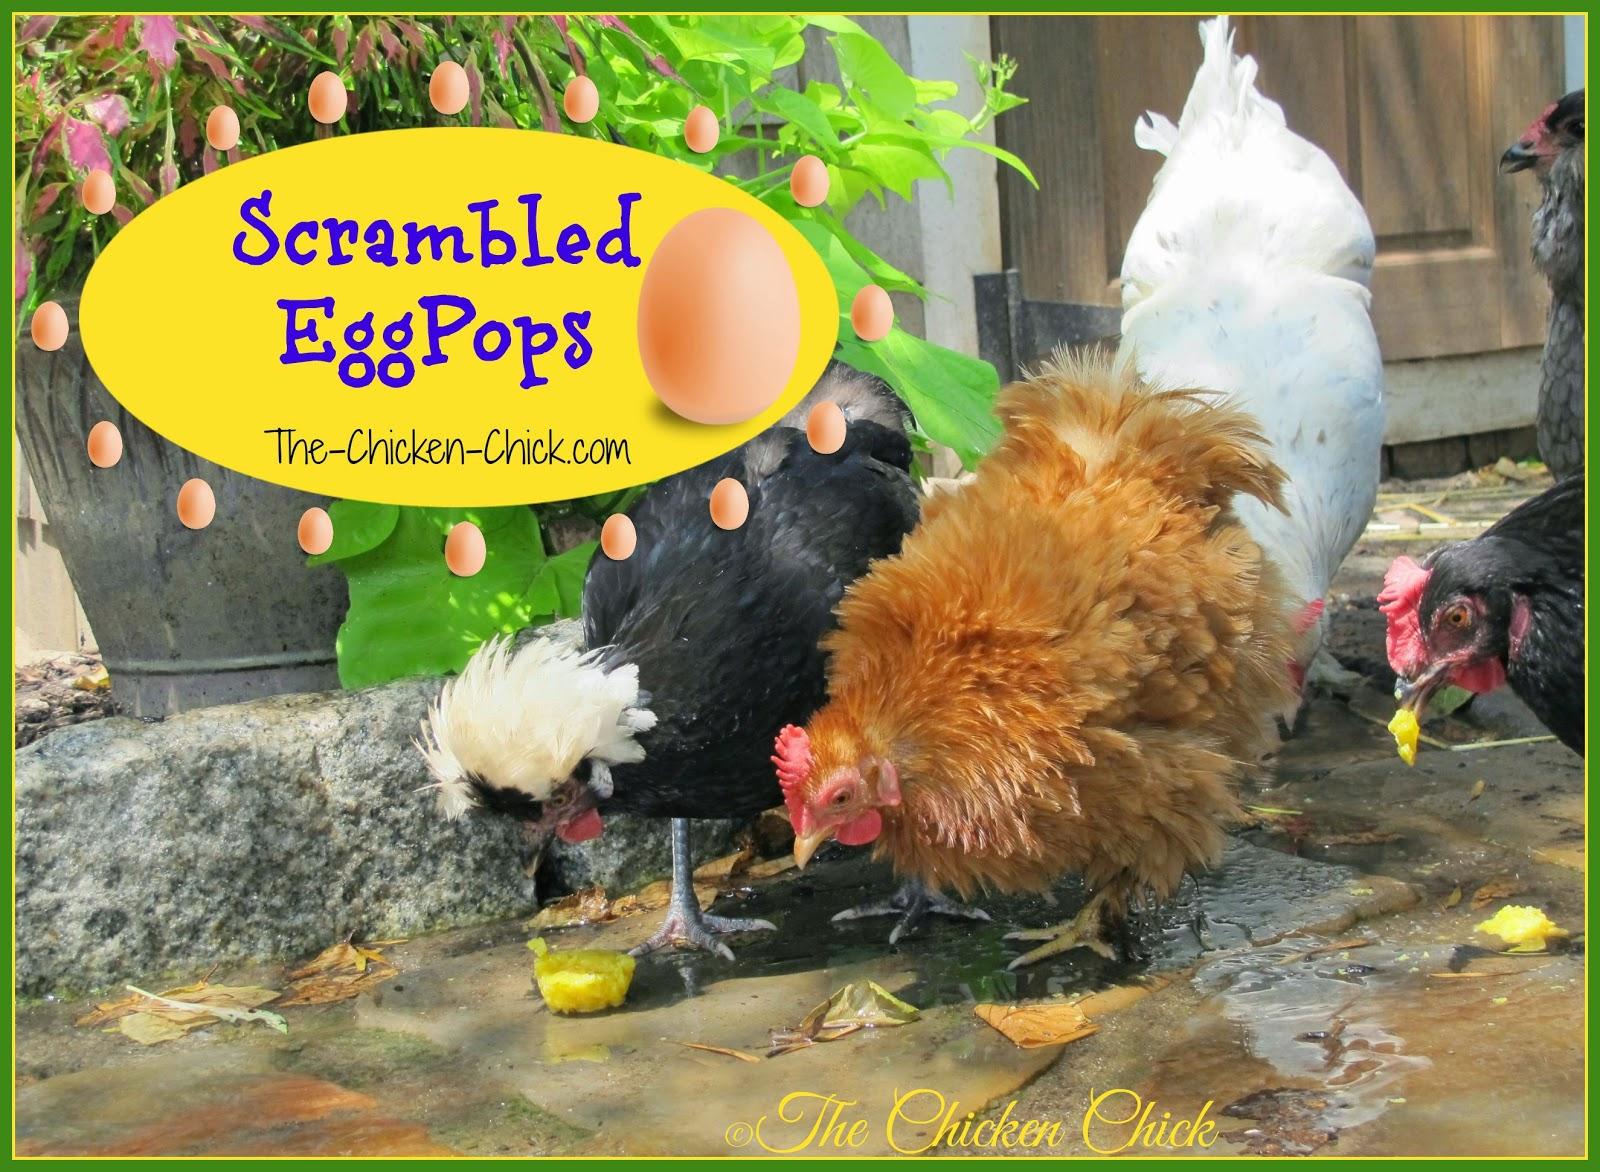 Scrambled Eggpops